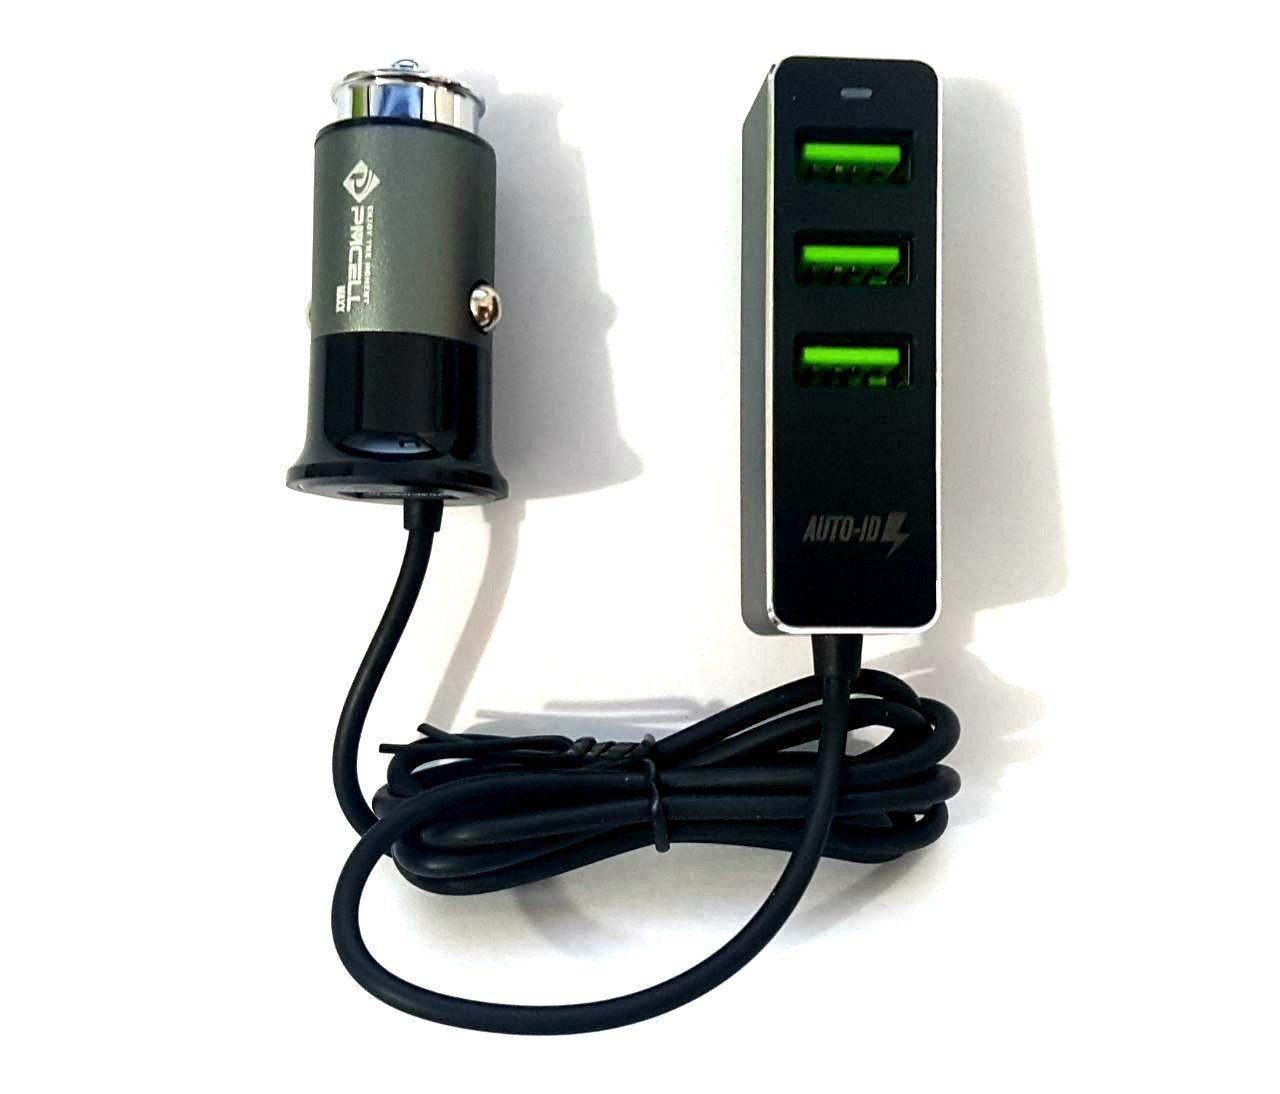 CARREGADOR VEICULAR UBER TAXI 4X USB EXTENSOR PMCELL CV43